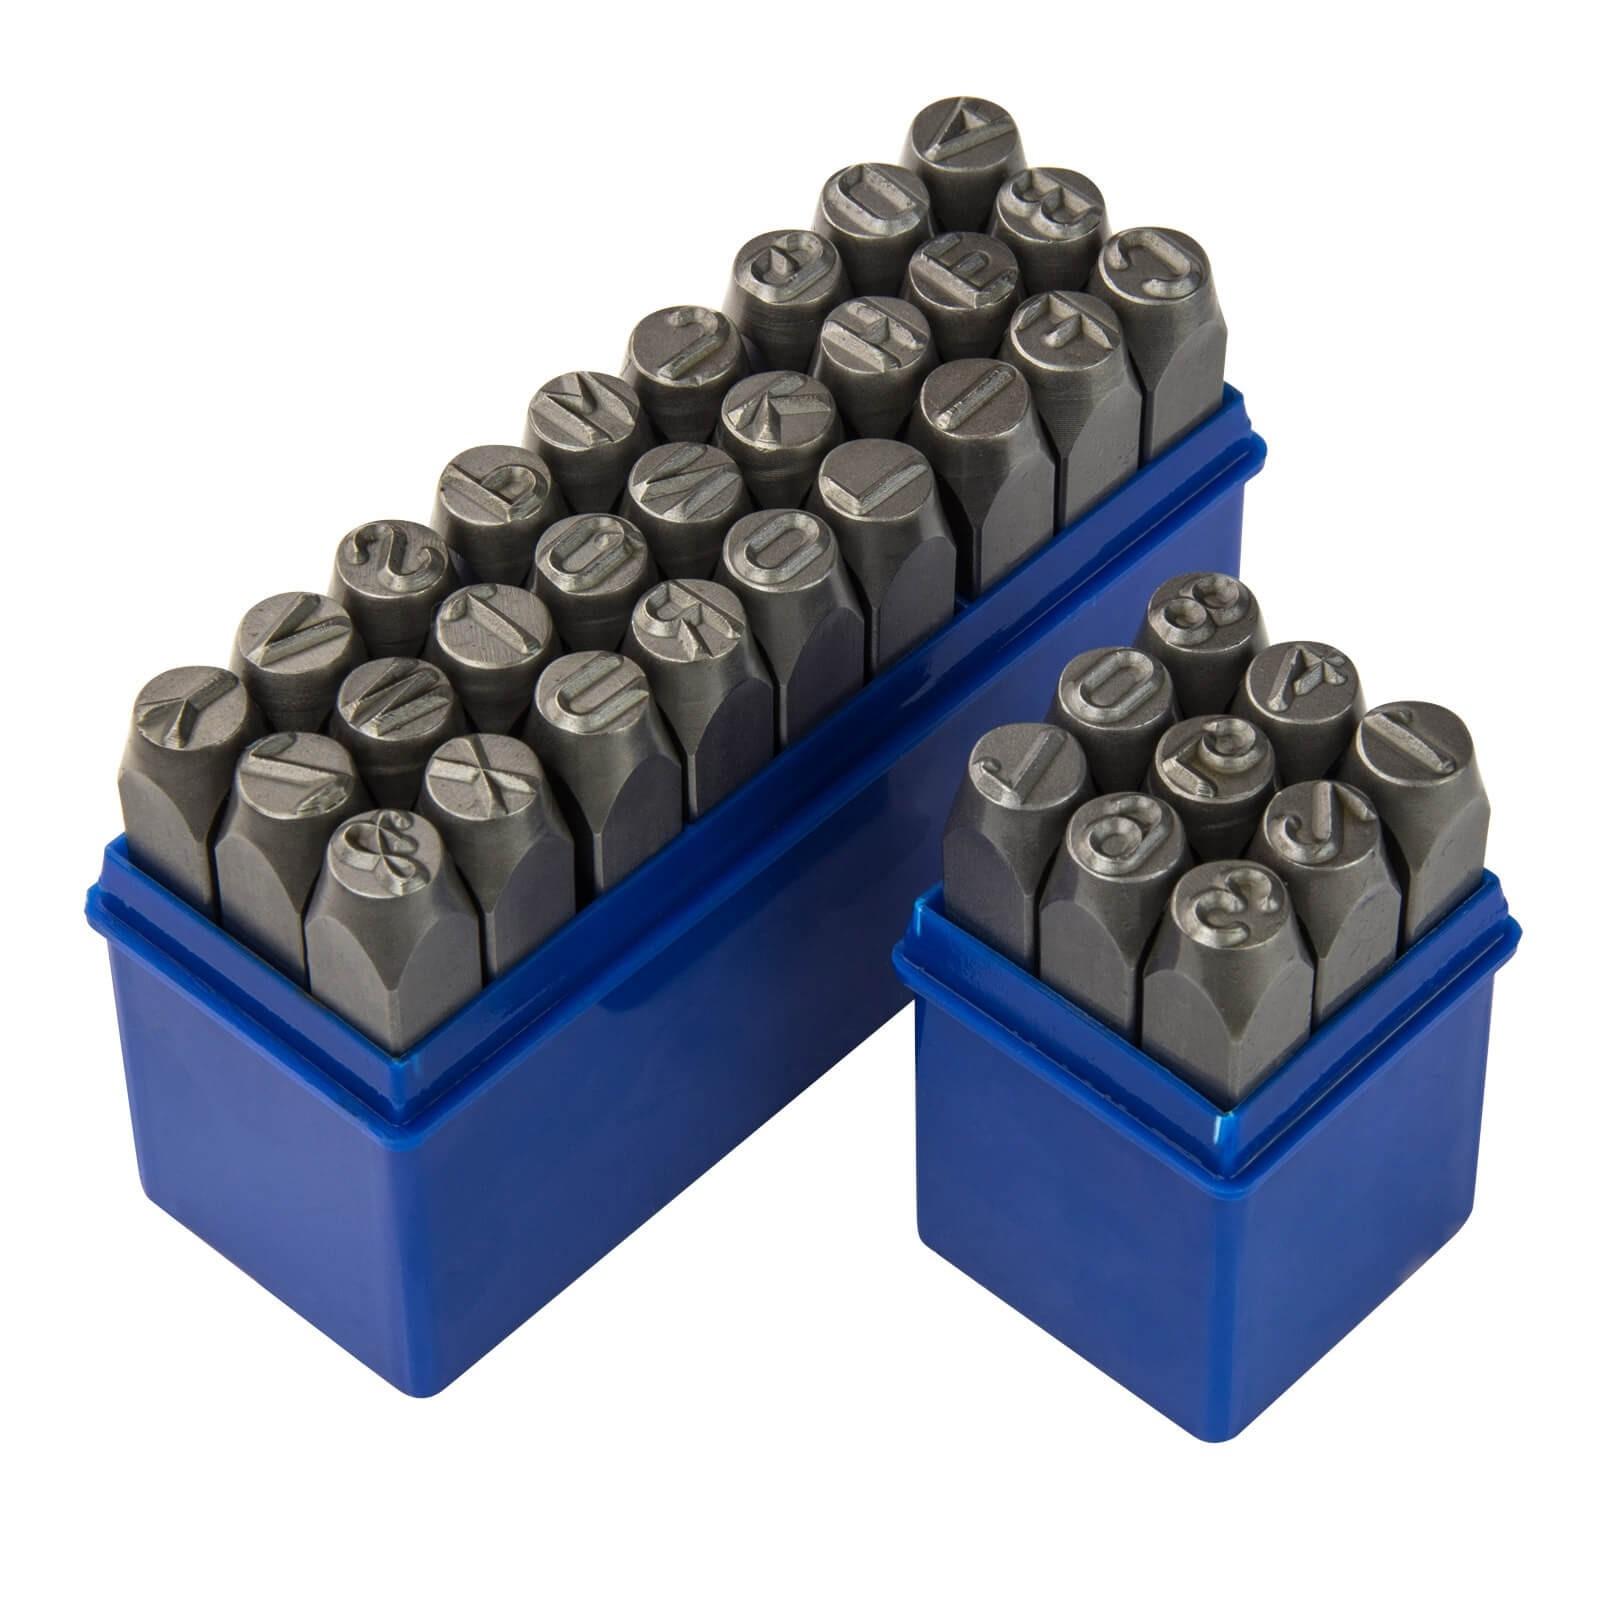 Dema Schlagzahlen und Schlagbuchstaben Zahlenstempel Schlag Stempelset 10 mm 36-tlg 18501